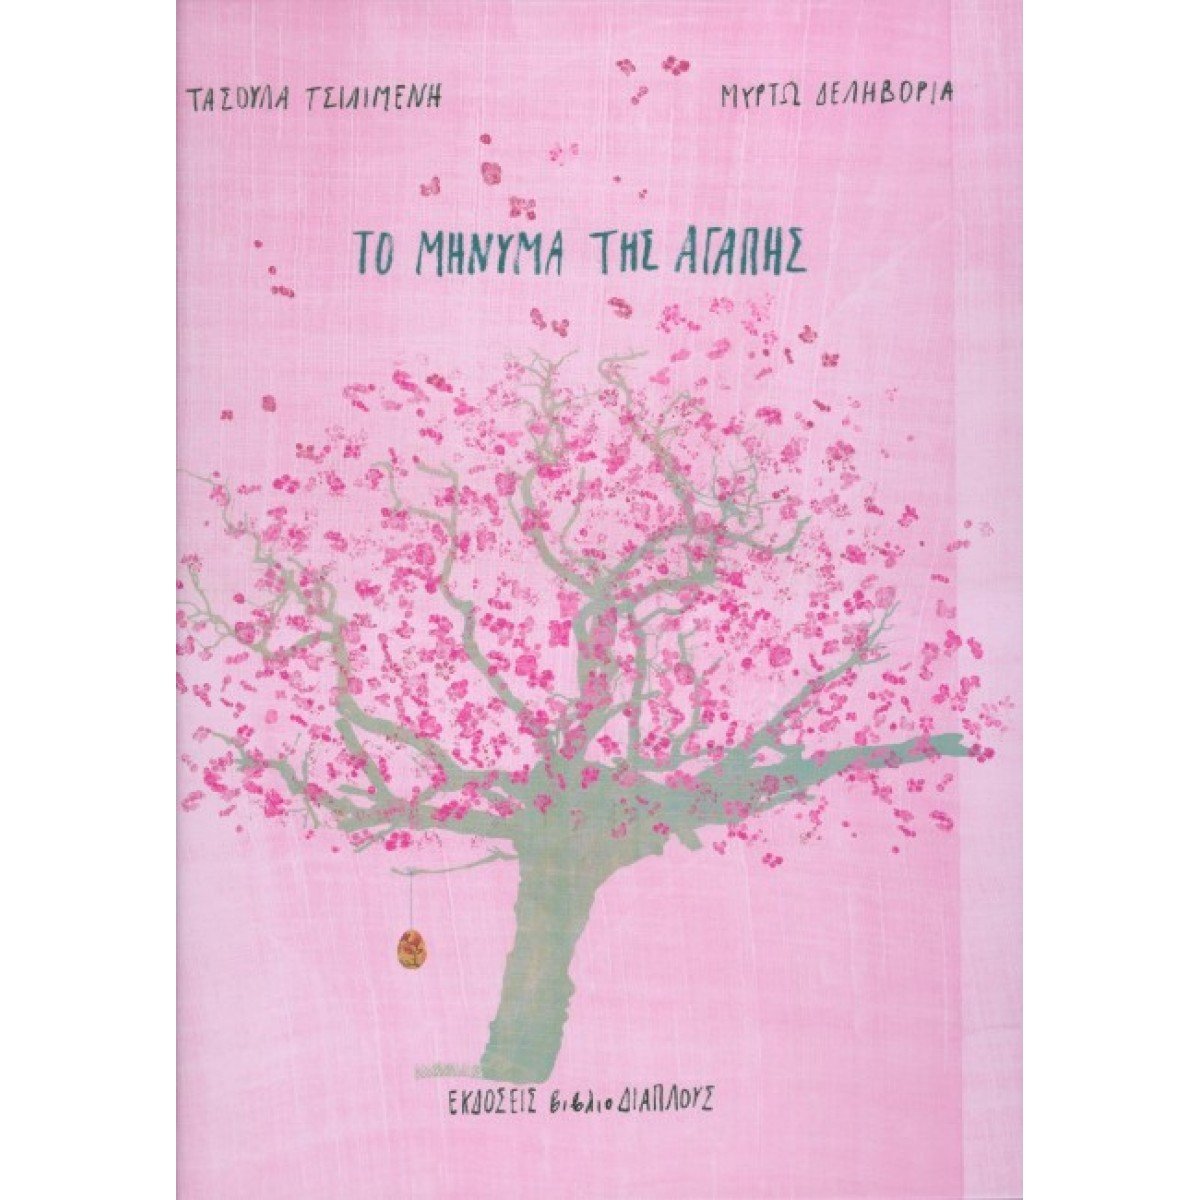 ΤΟ ΜΗΝΥΜΑ ΤΗΣ ΑΓΑΠΗΣ Παιδικά Βιβλία